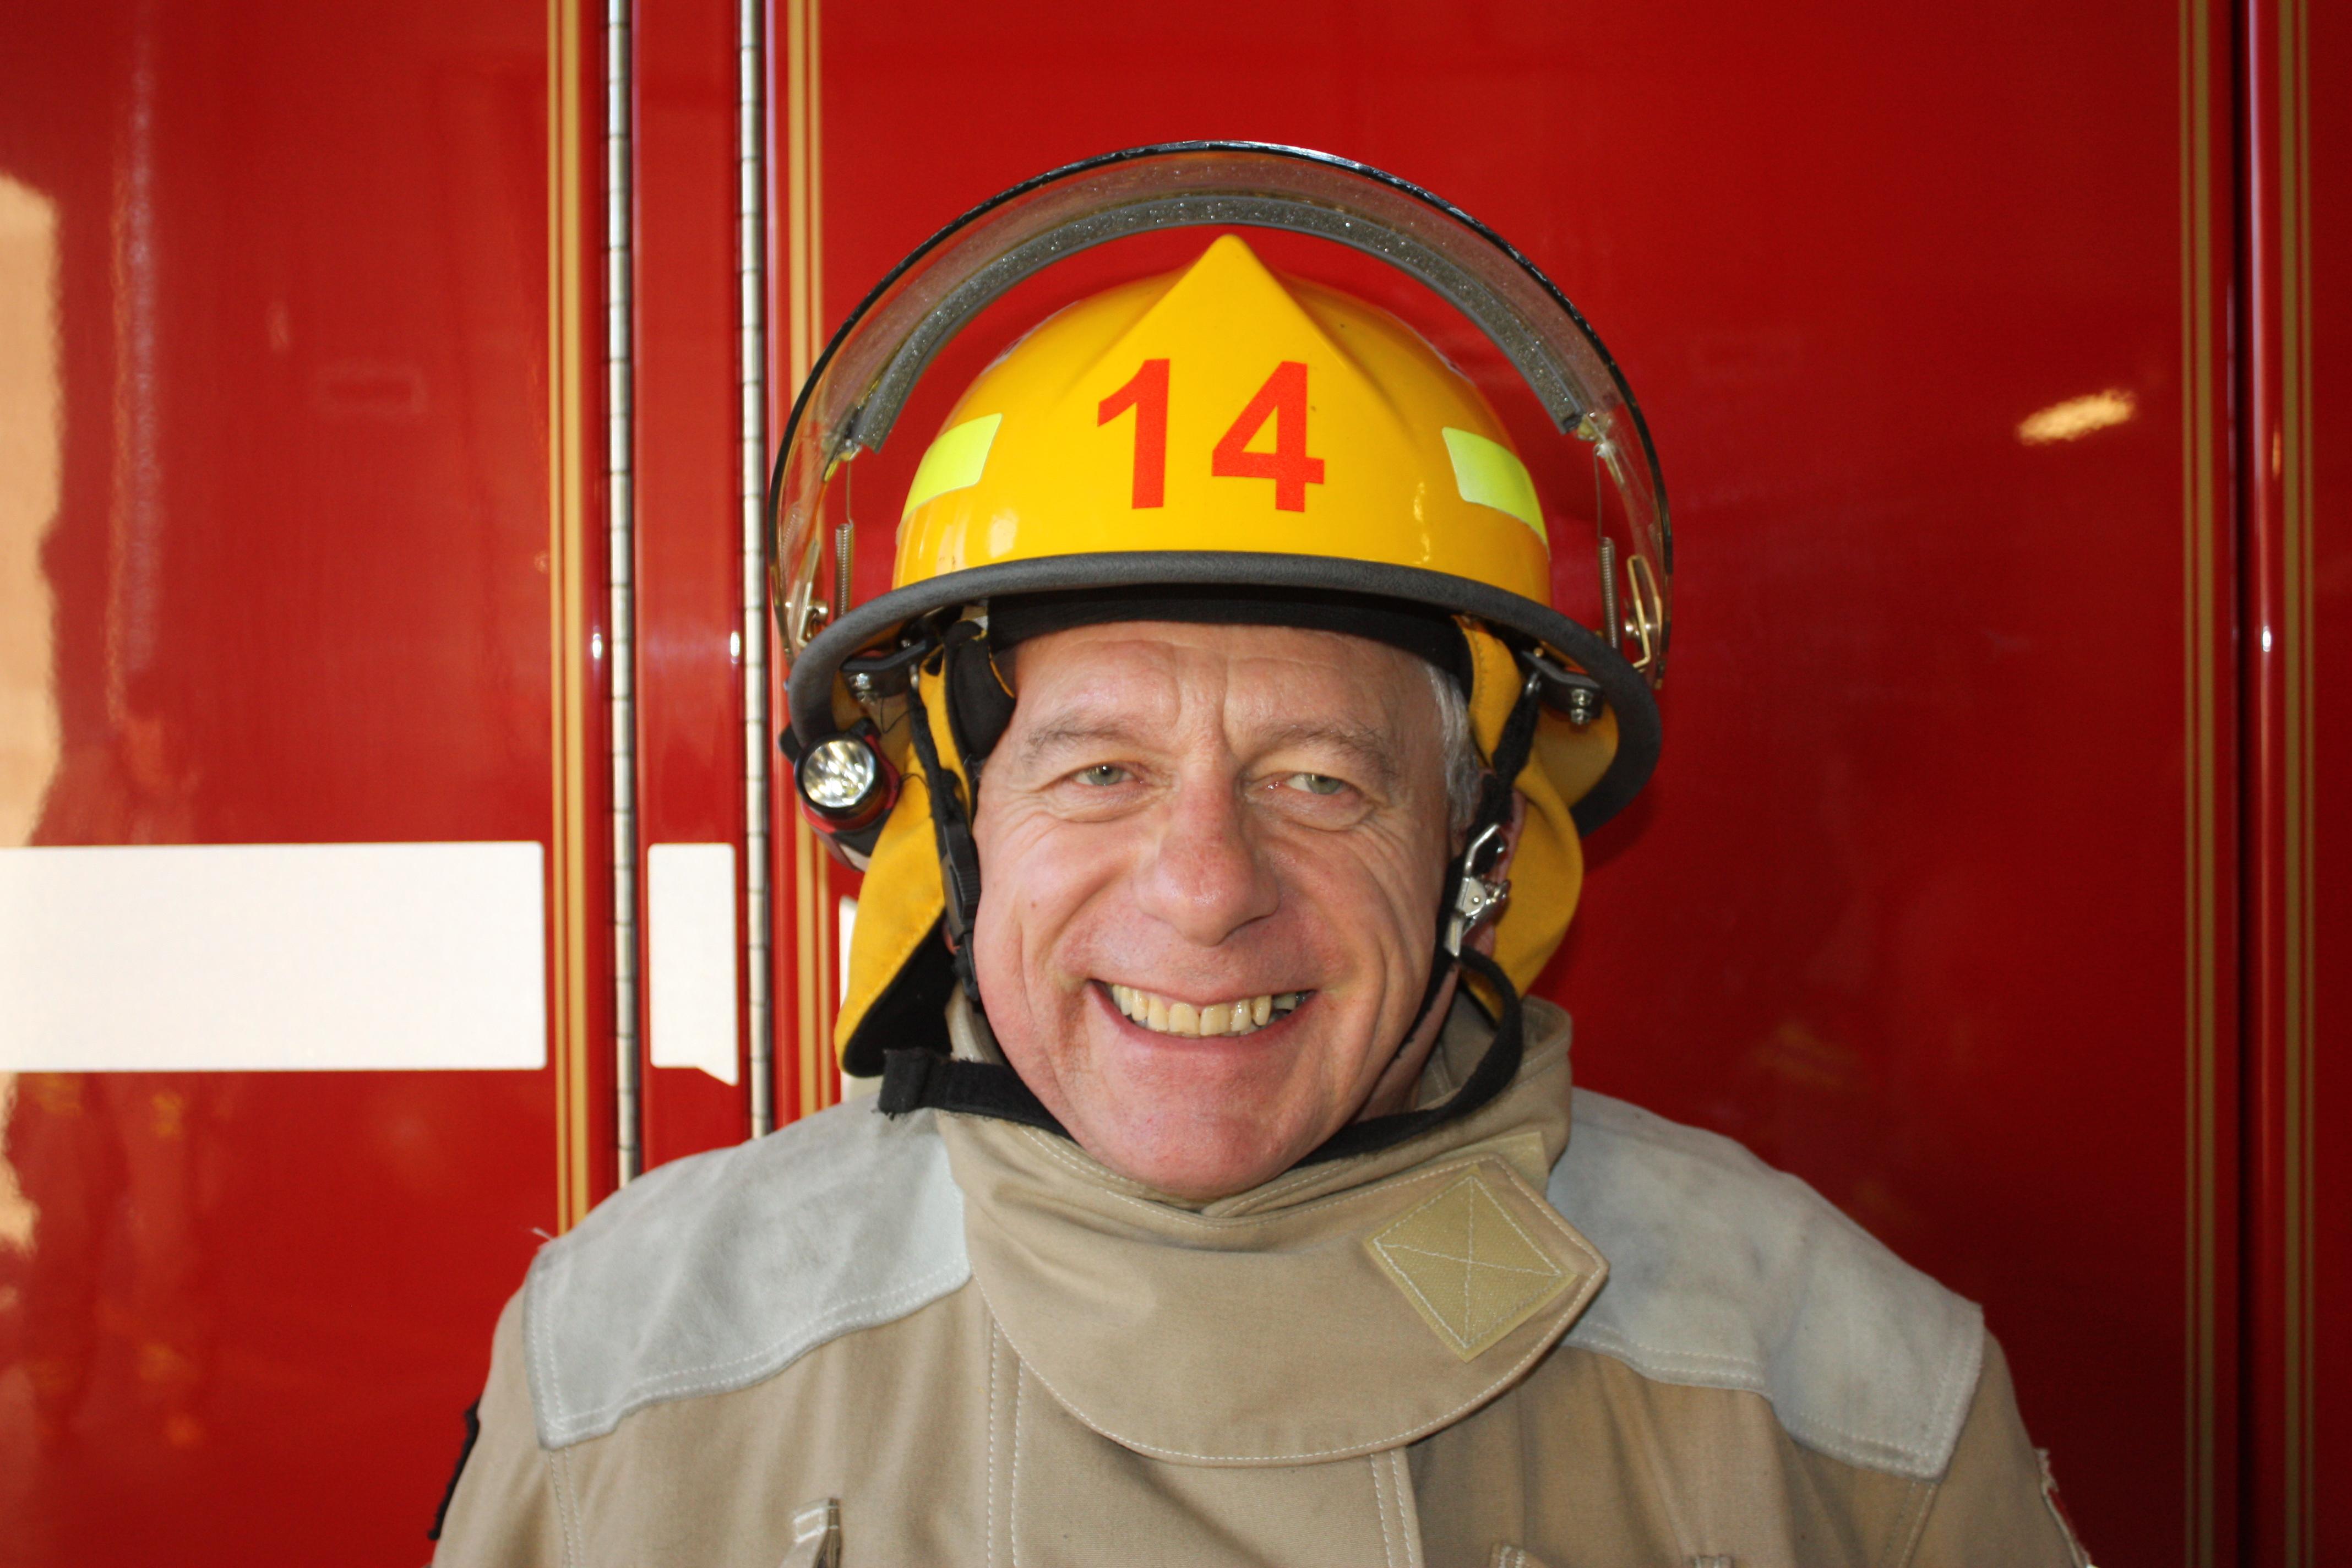 Firefighter #14